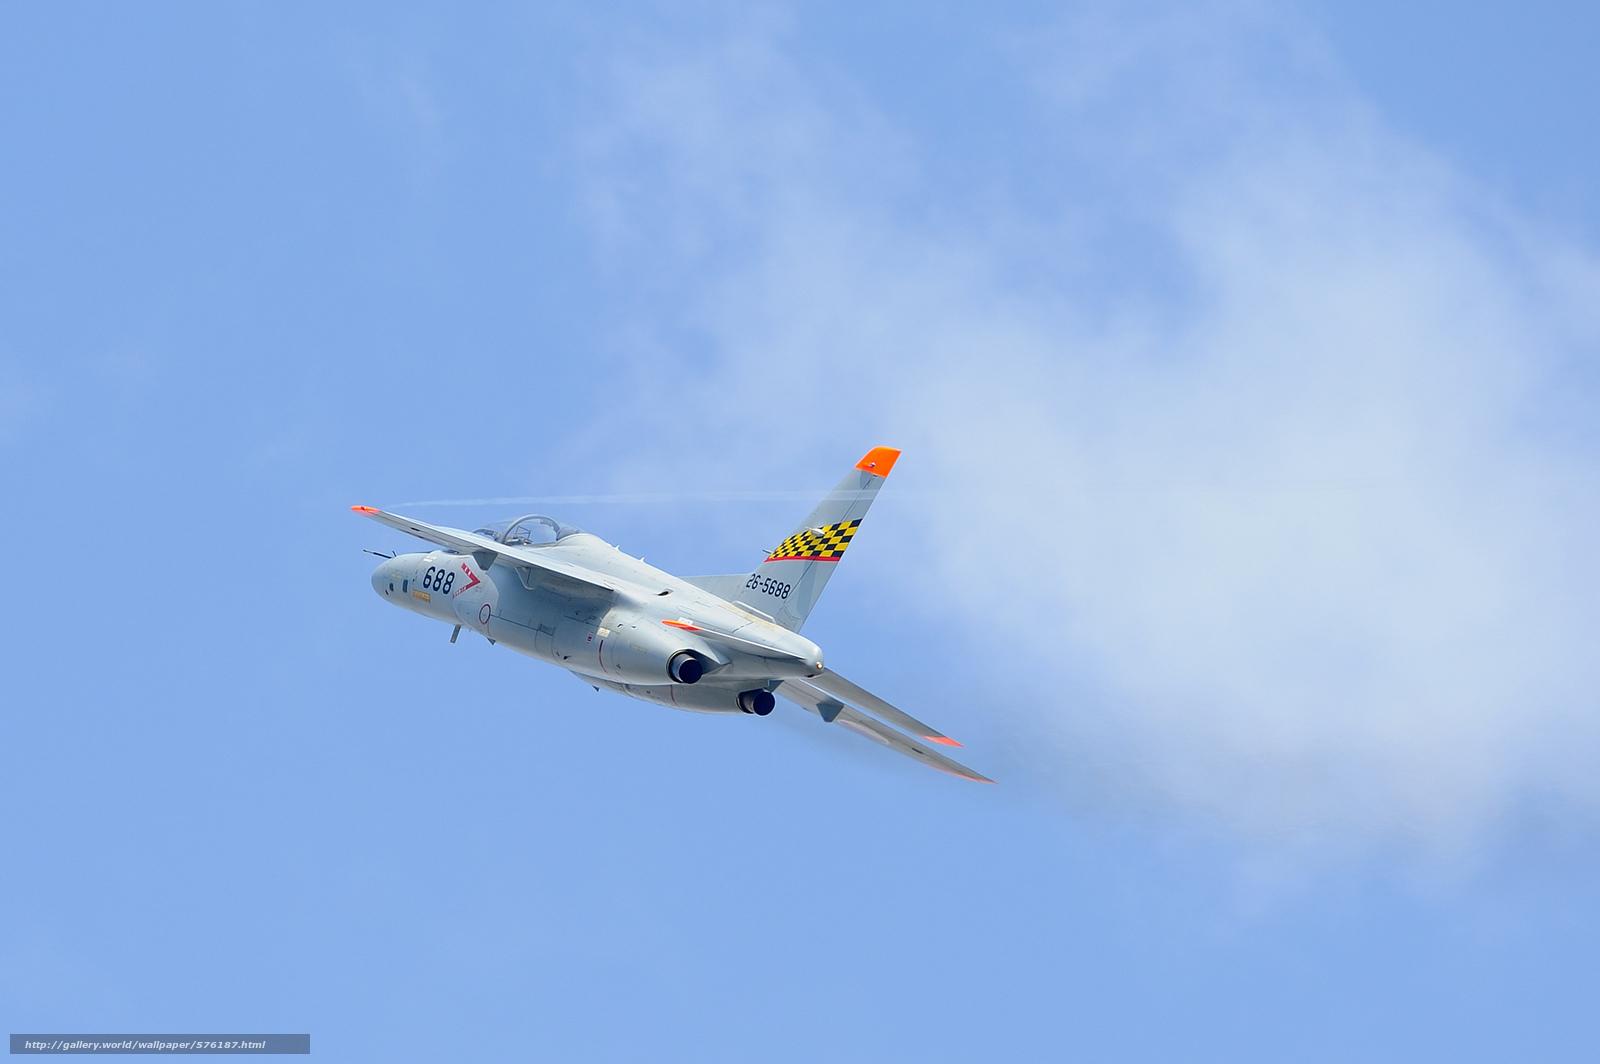 Tlcharger Fond d'ecran avion,  ciel,  entraîneur,  subsonique Fonds d'ecran gratuits pour votre rsolution du bureau 2048x1362 — image №576187